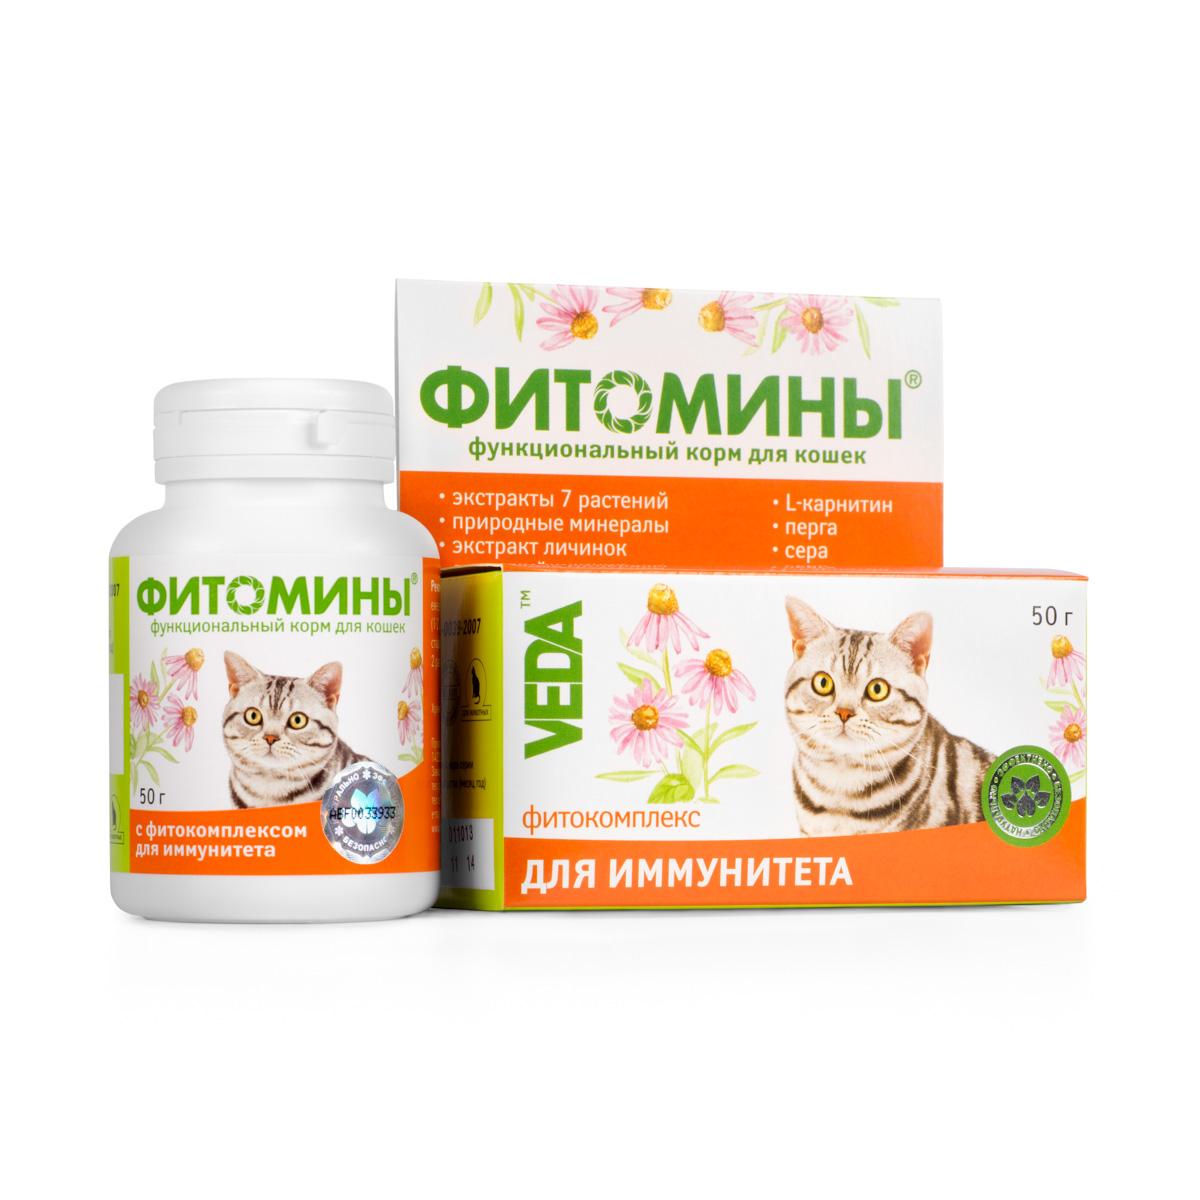 Фитомины функциональный корм для кошек с фитокомплексом для иммунитета, 50 г4605543005930Обладает иммуномодулирующими, противомикробными, регенерирующими, противовоспалительными свойствами. Способствует выведению токсических продуктов распада.